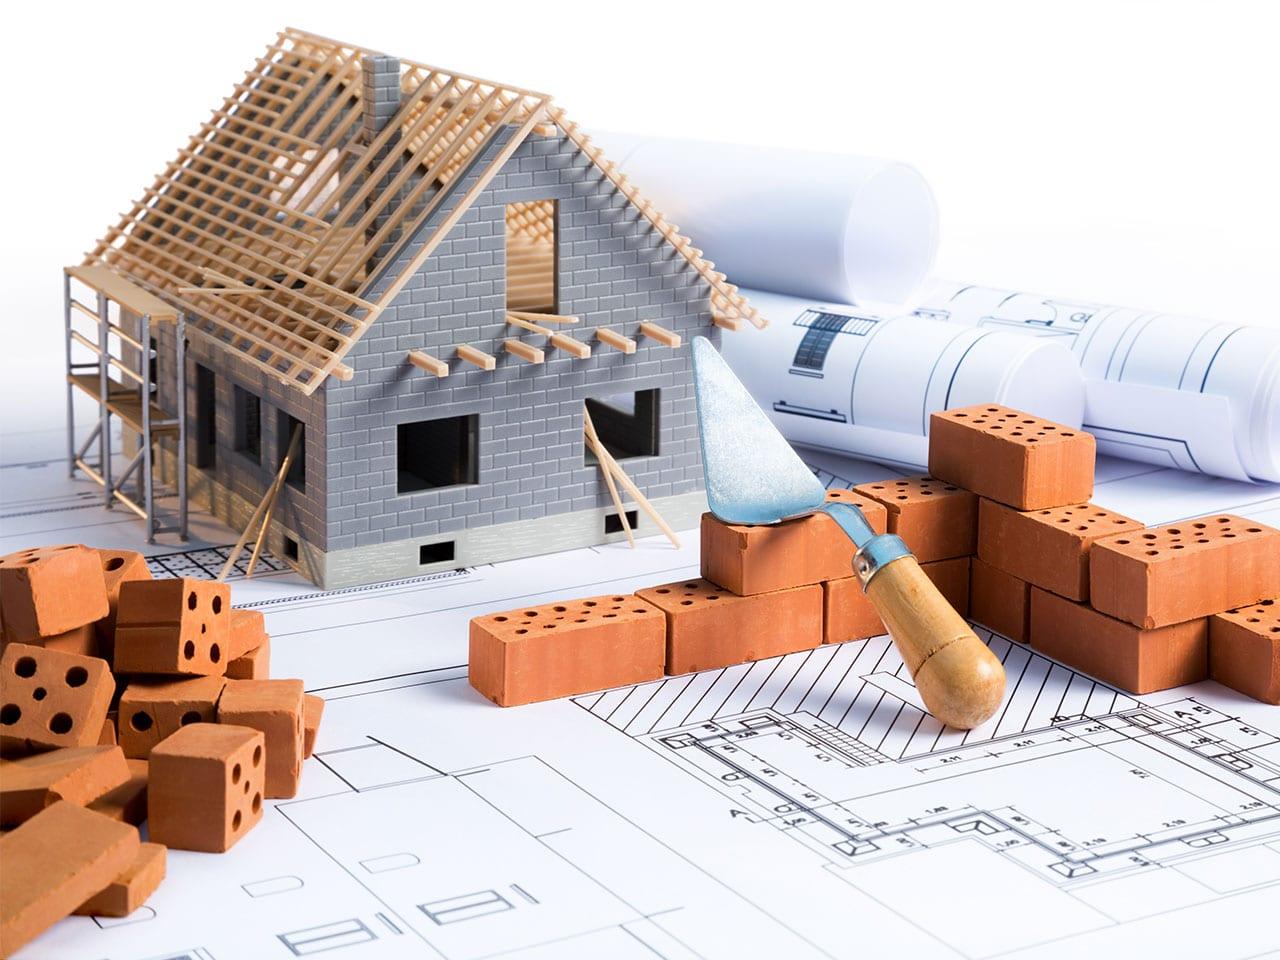 Modell eines Rohbaus mit Plänen, Maurerkelle, Ziegeln